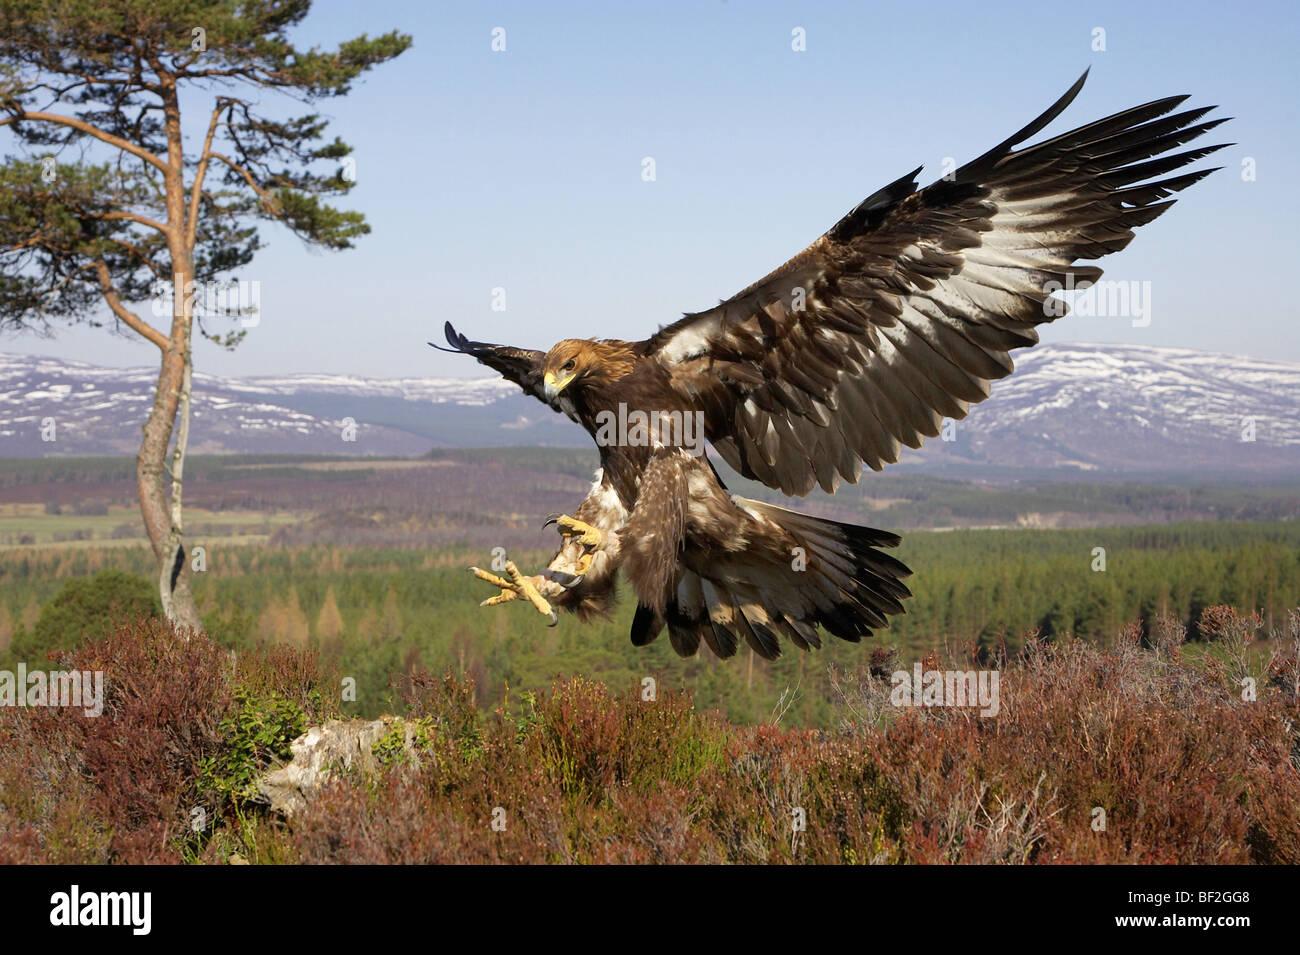 Águila Real (Aquila chrysaetos), en vuelo en hábitat de montaña preparándose para aterrizar Imagen De Stock